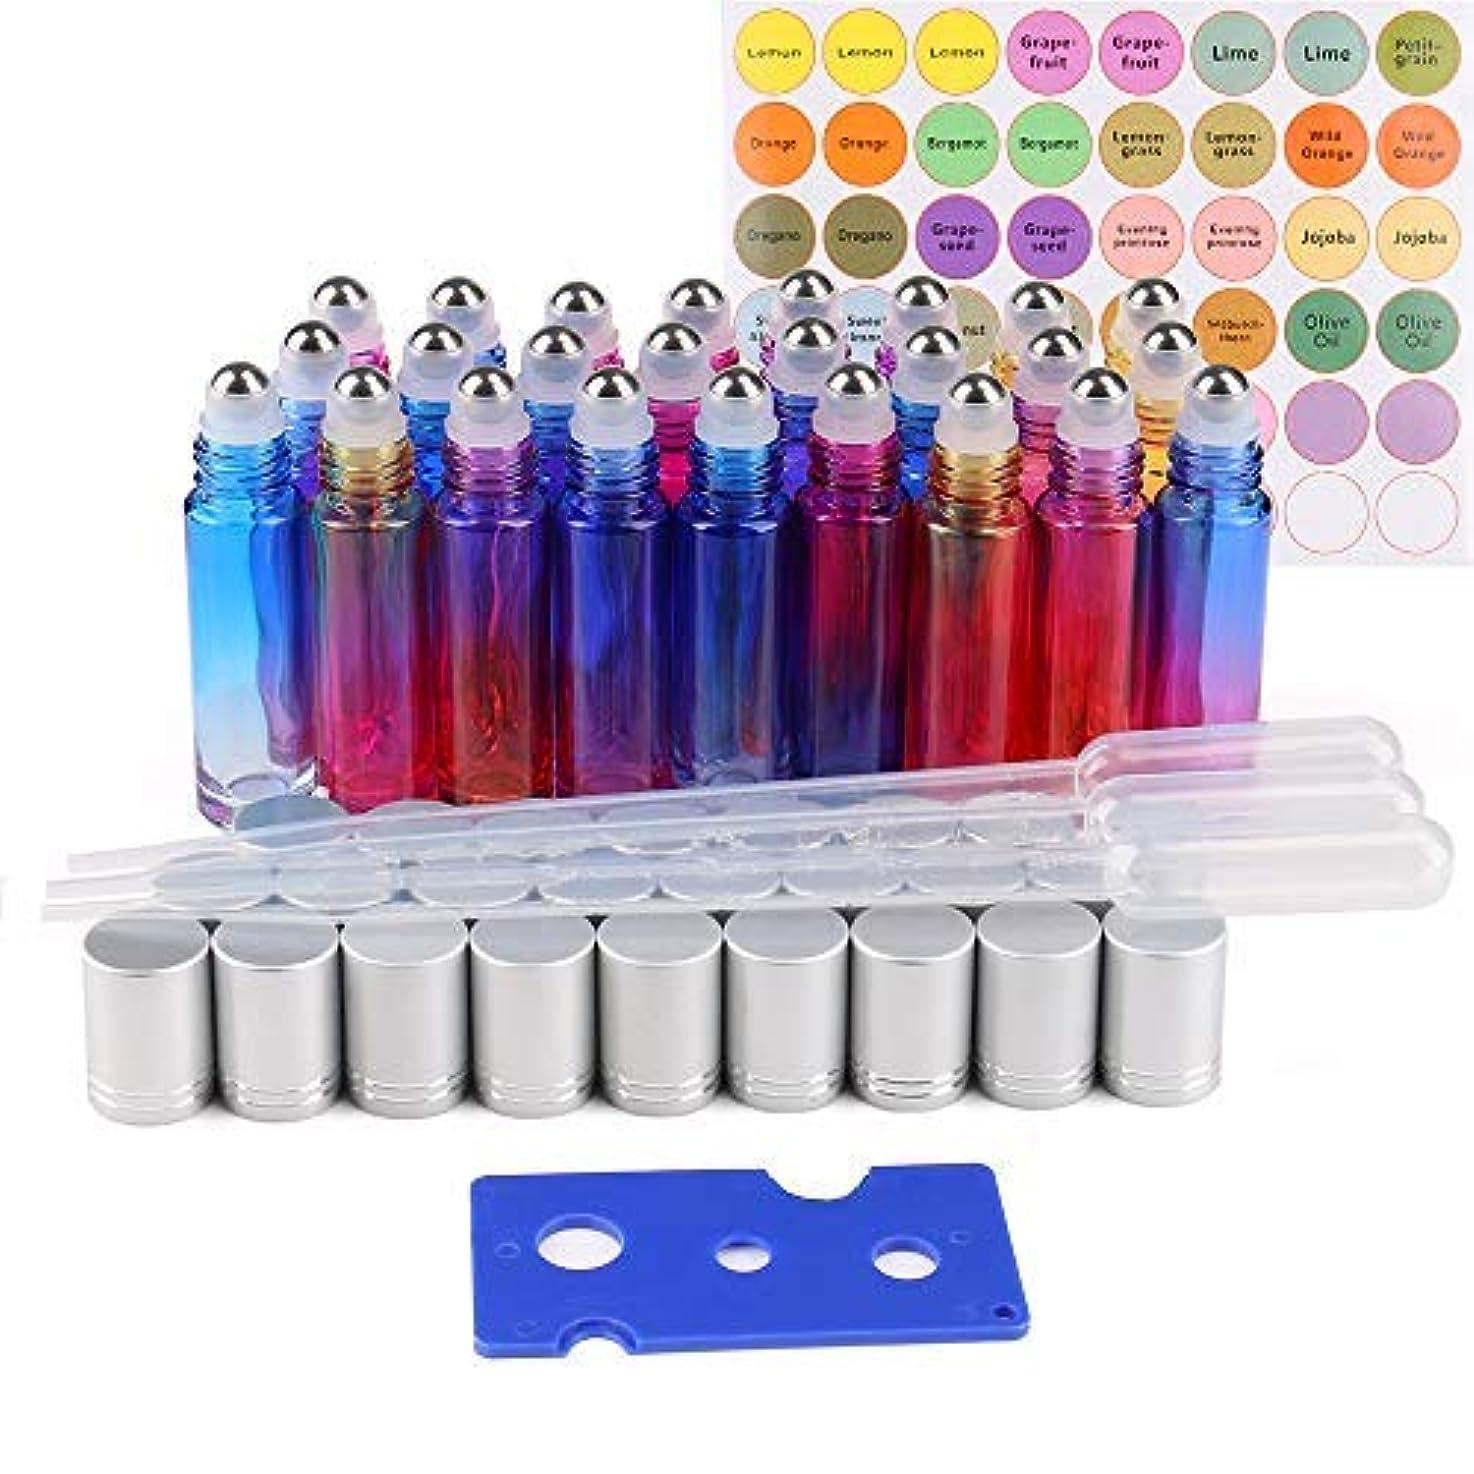 クーポンファンネルウェブスパイダー報告書25 Pack Essential Oil Roller Bottles, 10ml Gradient Color Roll on Bottles with Stainless Steel Roller Balls for...